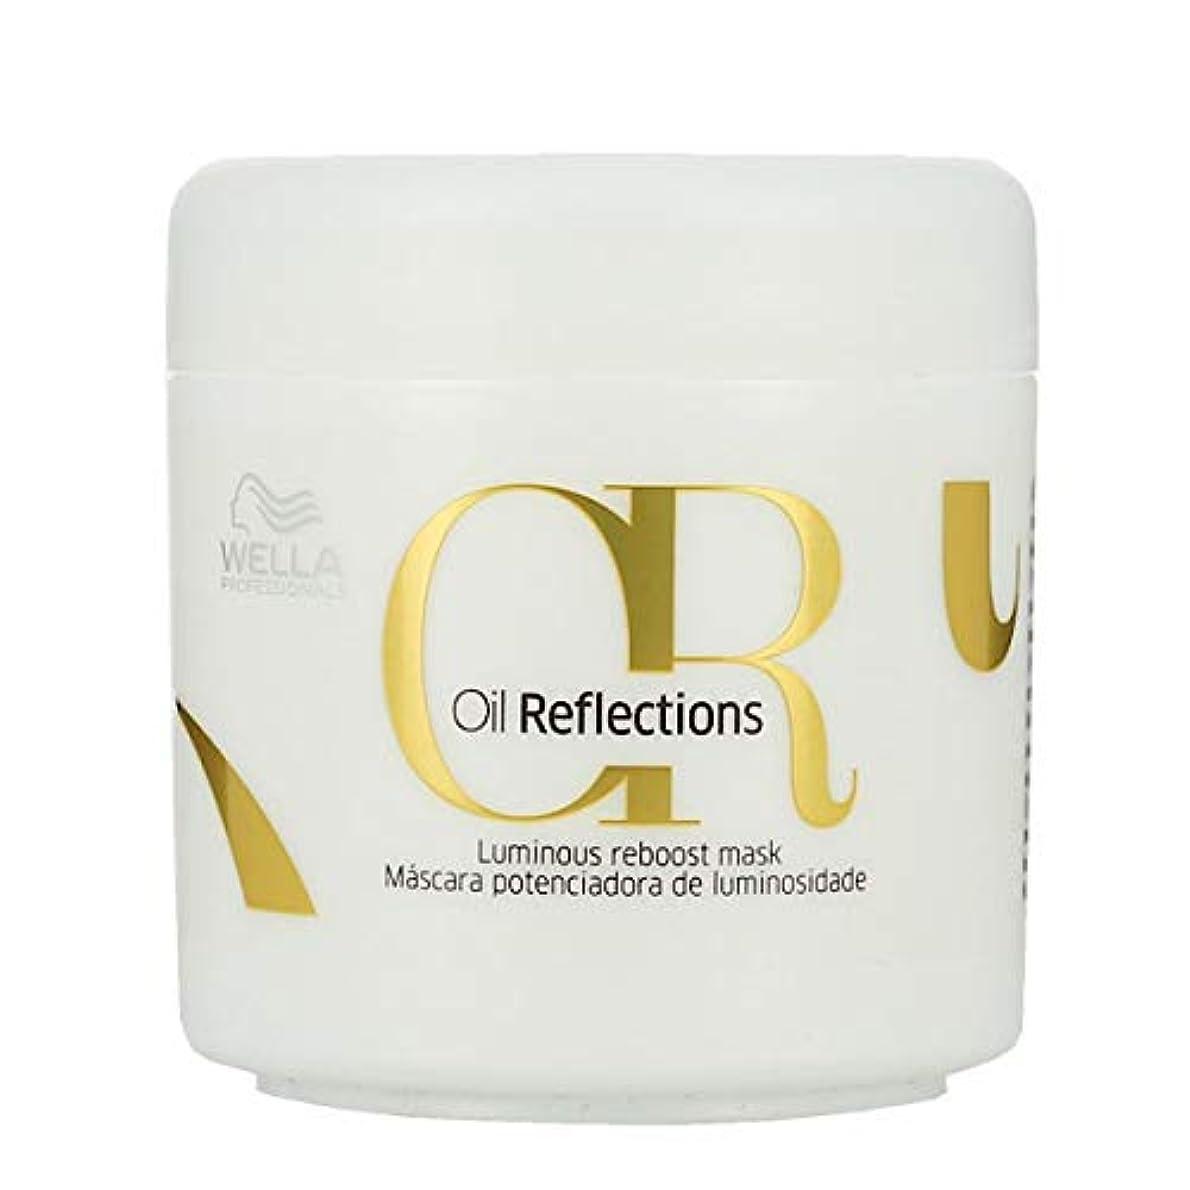 オレンジ命令マウスWella Professionals Oil Reflections Luminous Reboost Mask ウエラ オイルリフレクション マスク 150 ml [並行輸入品]